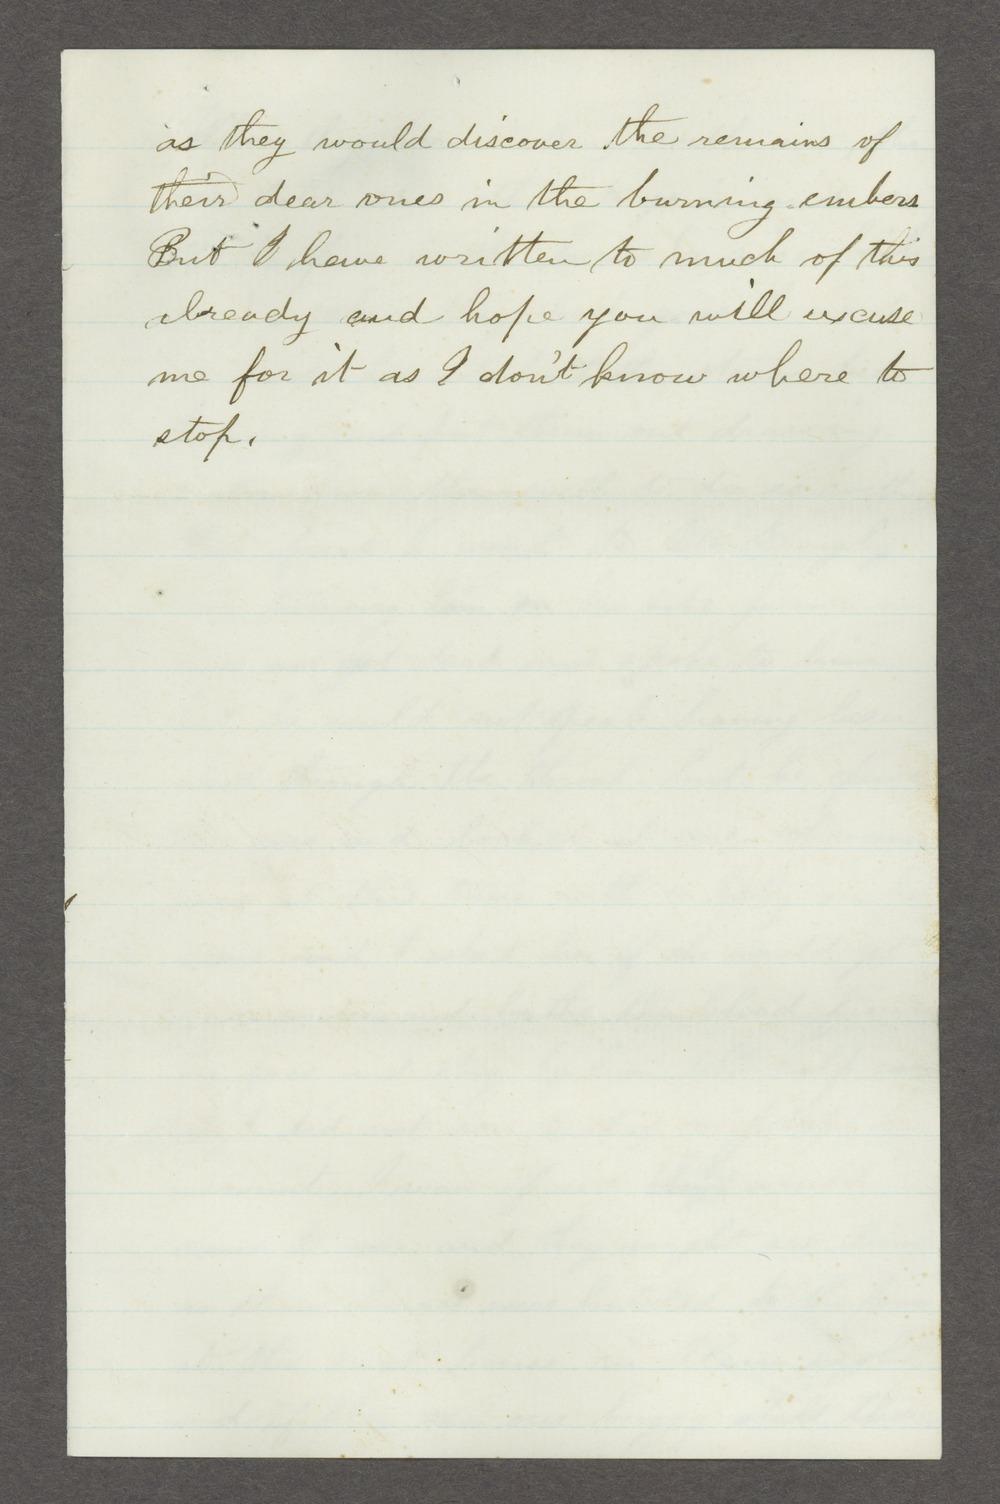 Mary Savage correspondence - 13